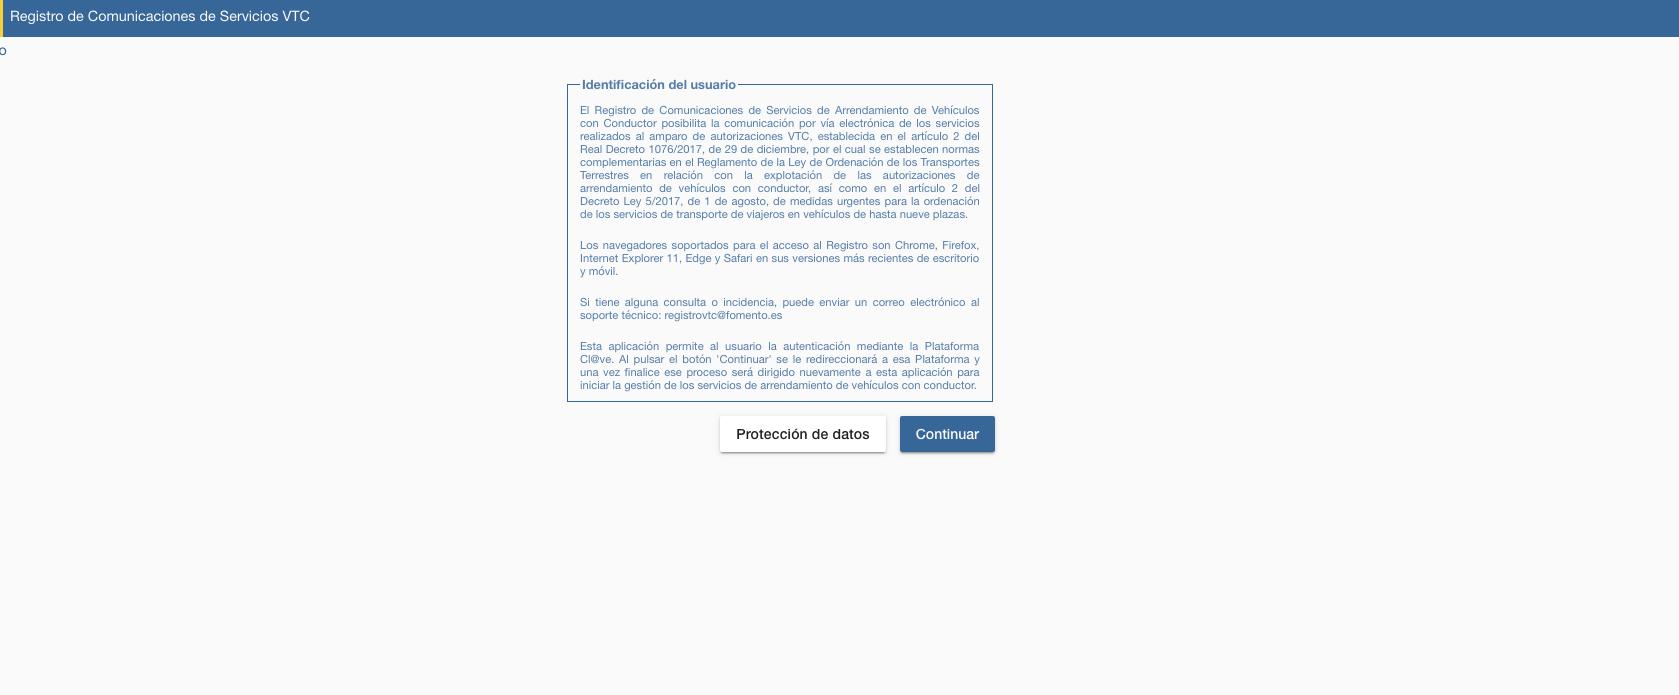 Transportes, obligada a cerrar la web de control de VTCs